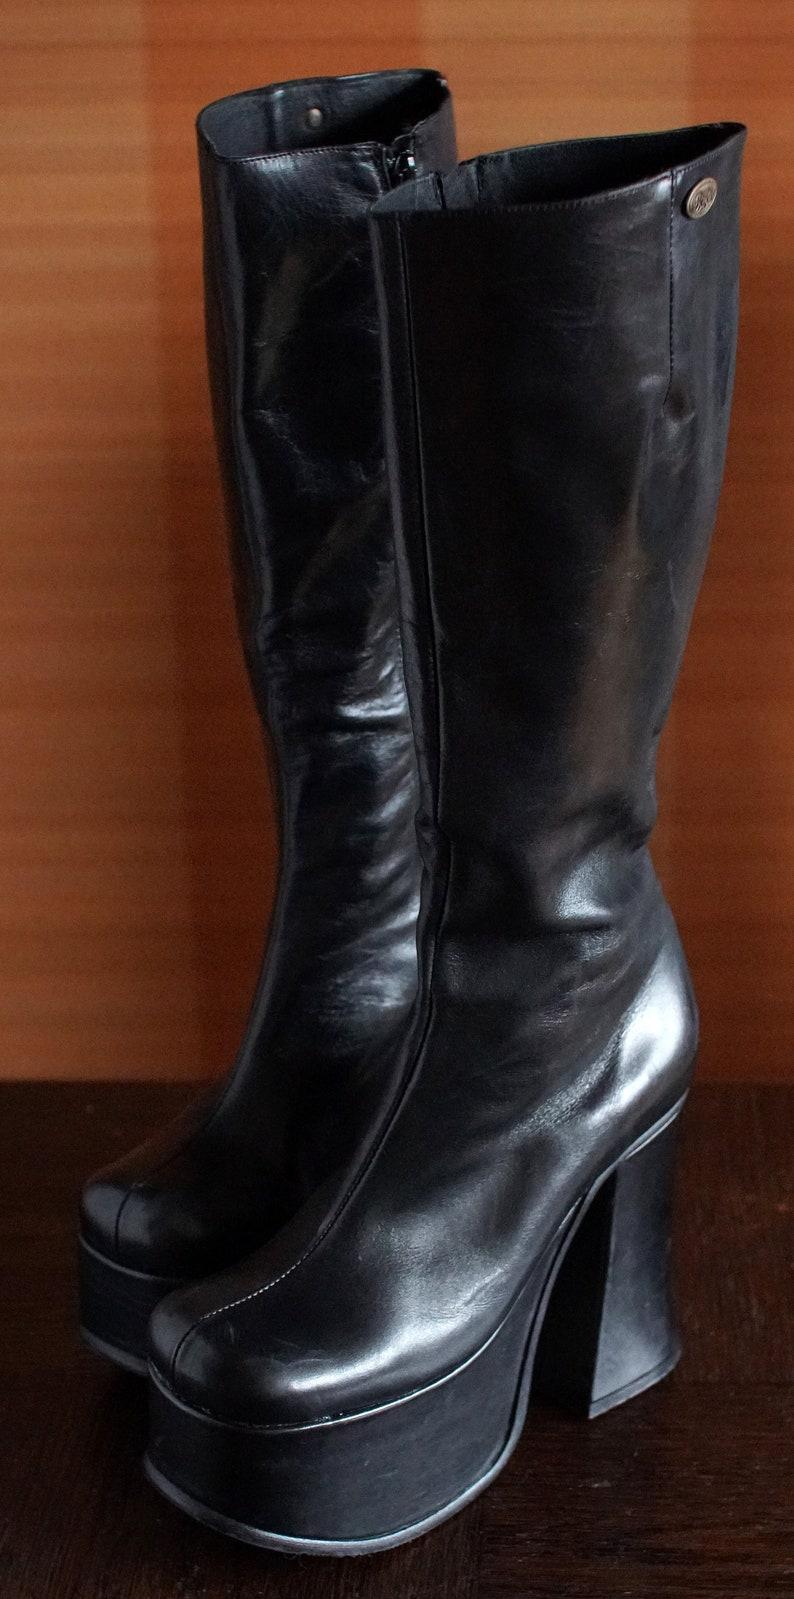 0291fb6cfaa5 BUFFALO T 24400 II platform boots 90 s Club Kid Gothic